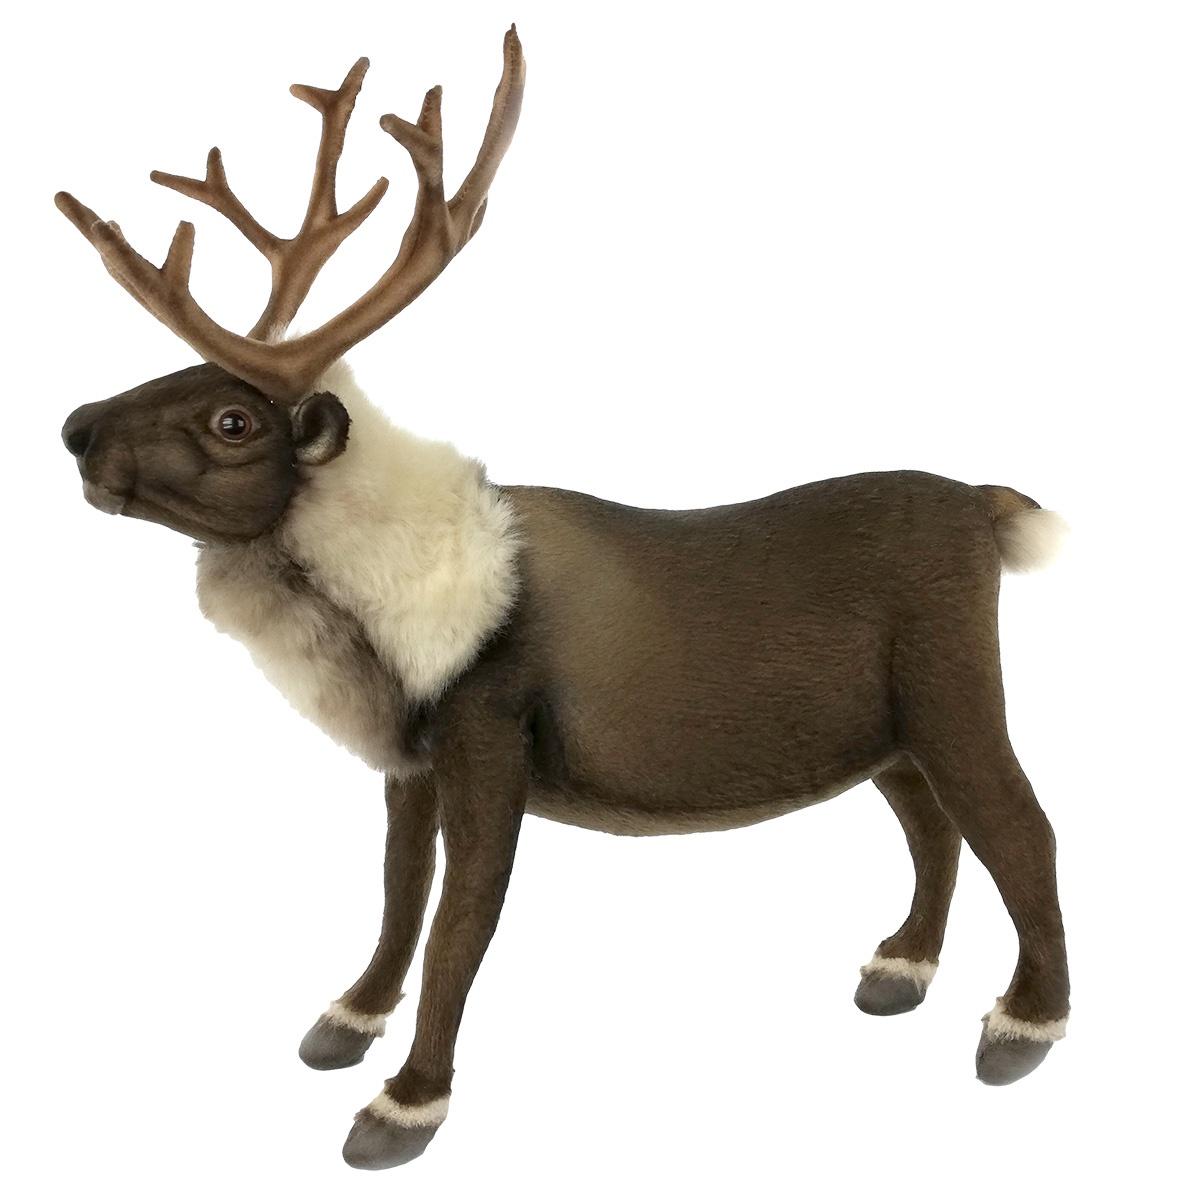 Мягкая игрушка HANSA 7863 archpole настенные рога с головой дорогой олень